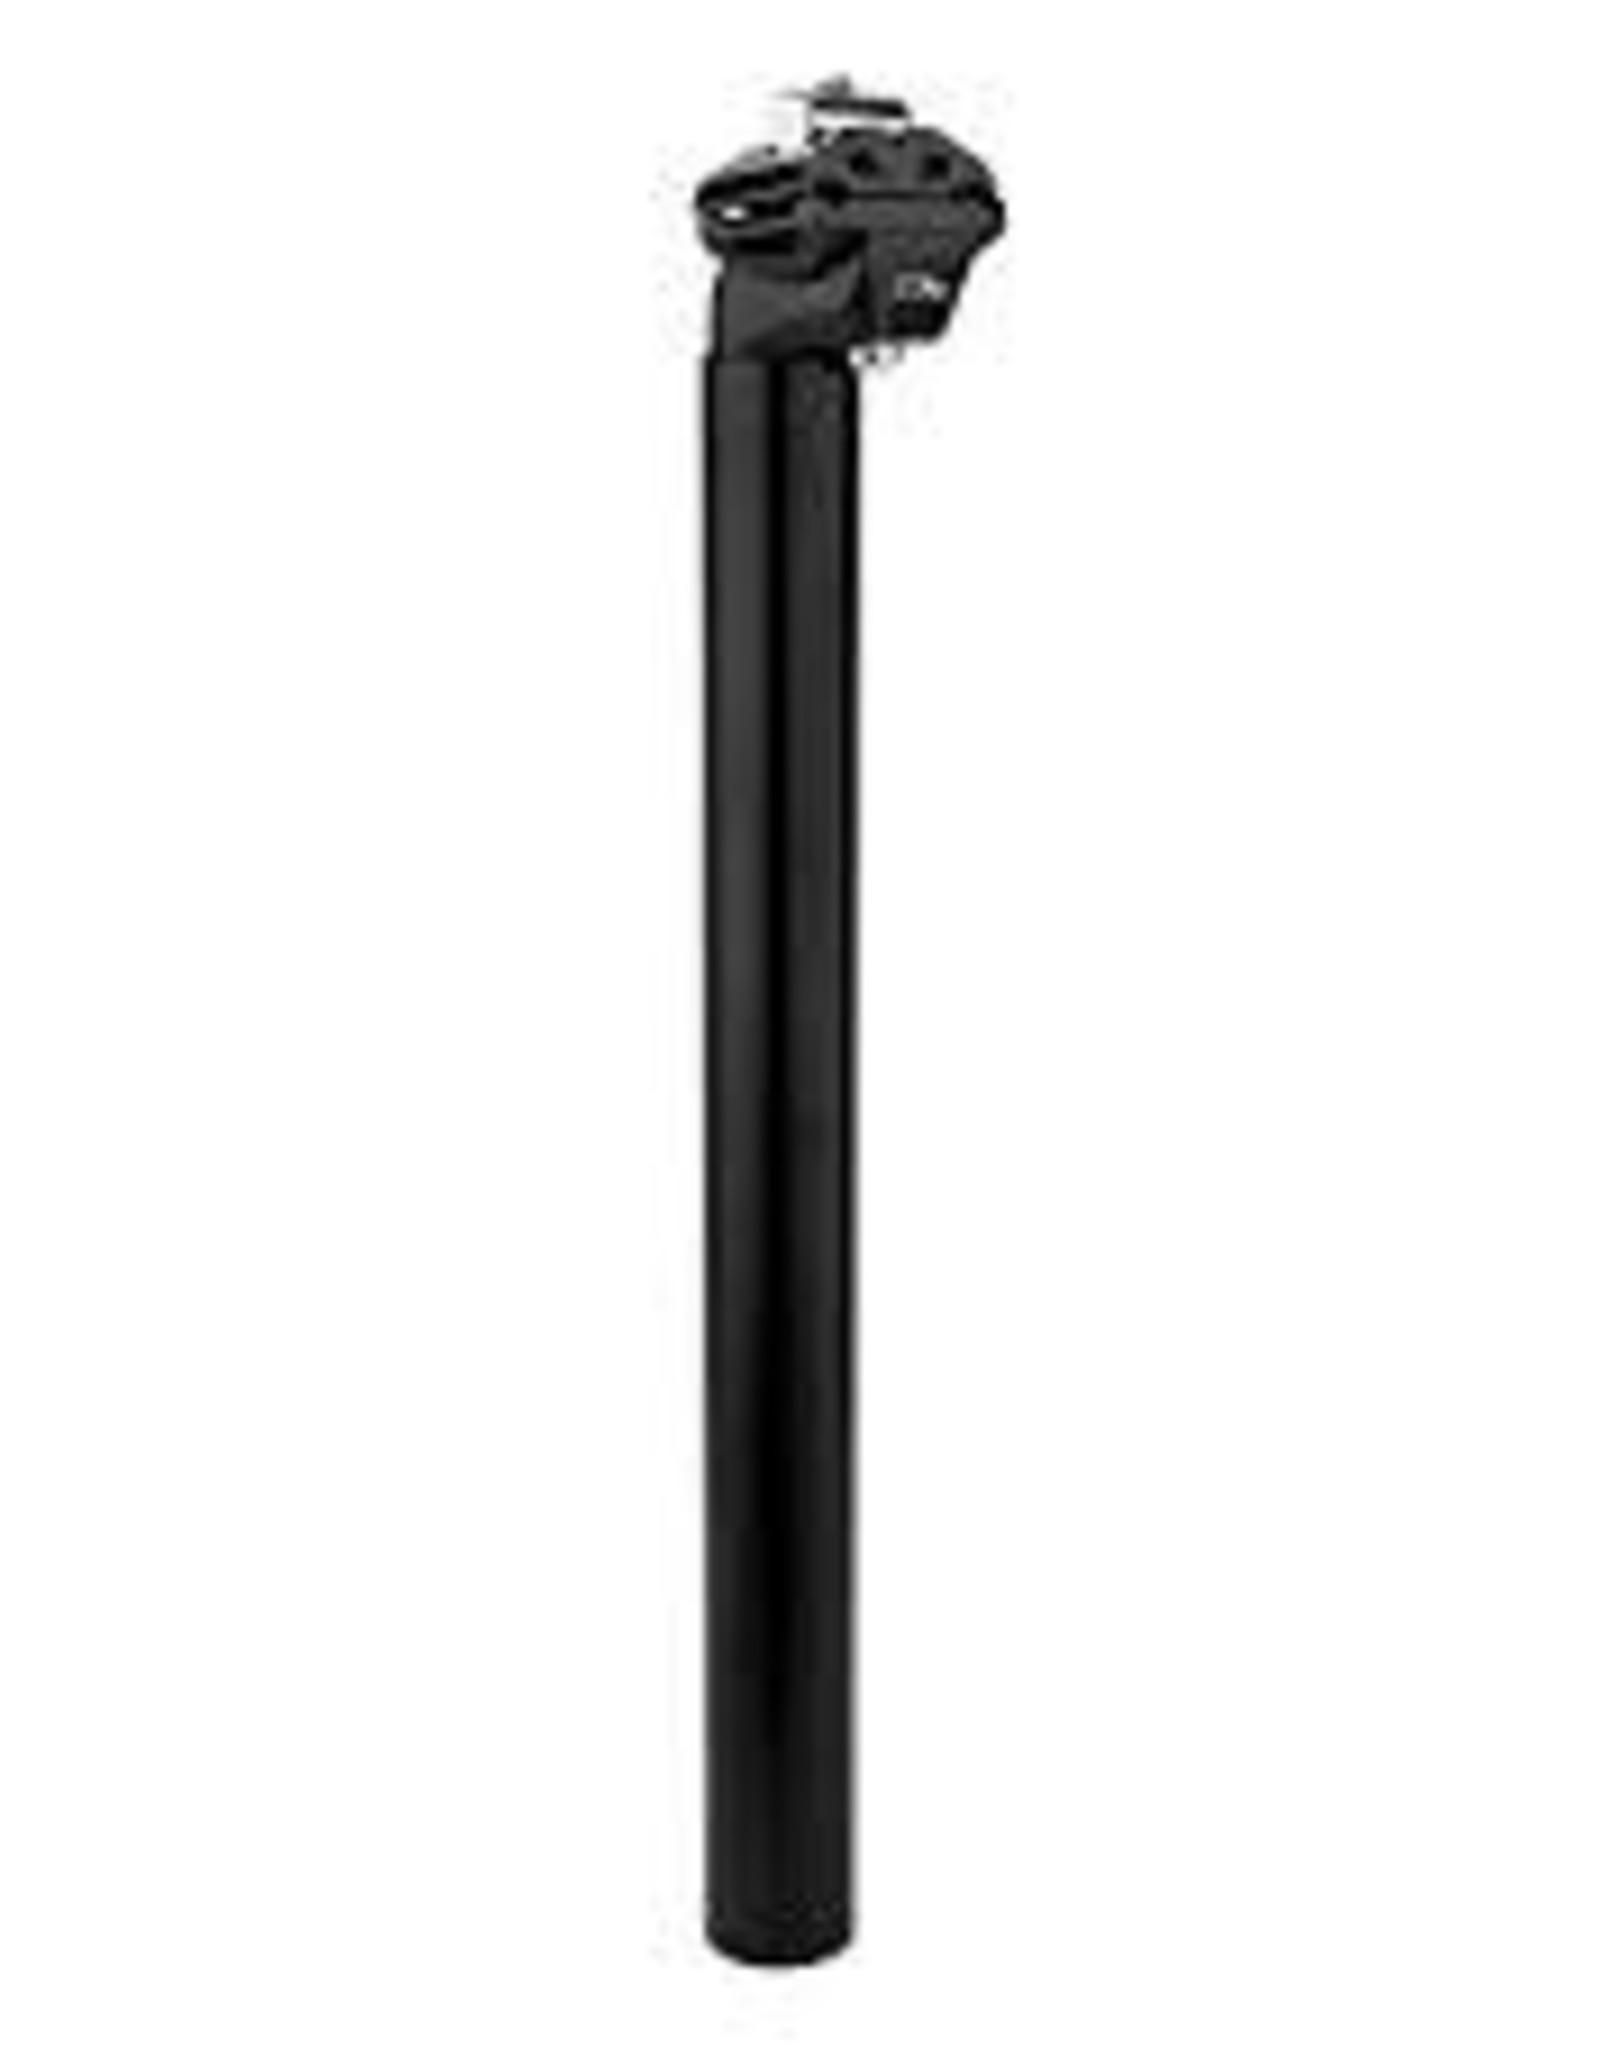 Sunlite Classic 27.2 x 350mm Black Seatpost